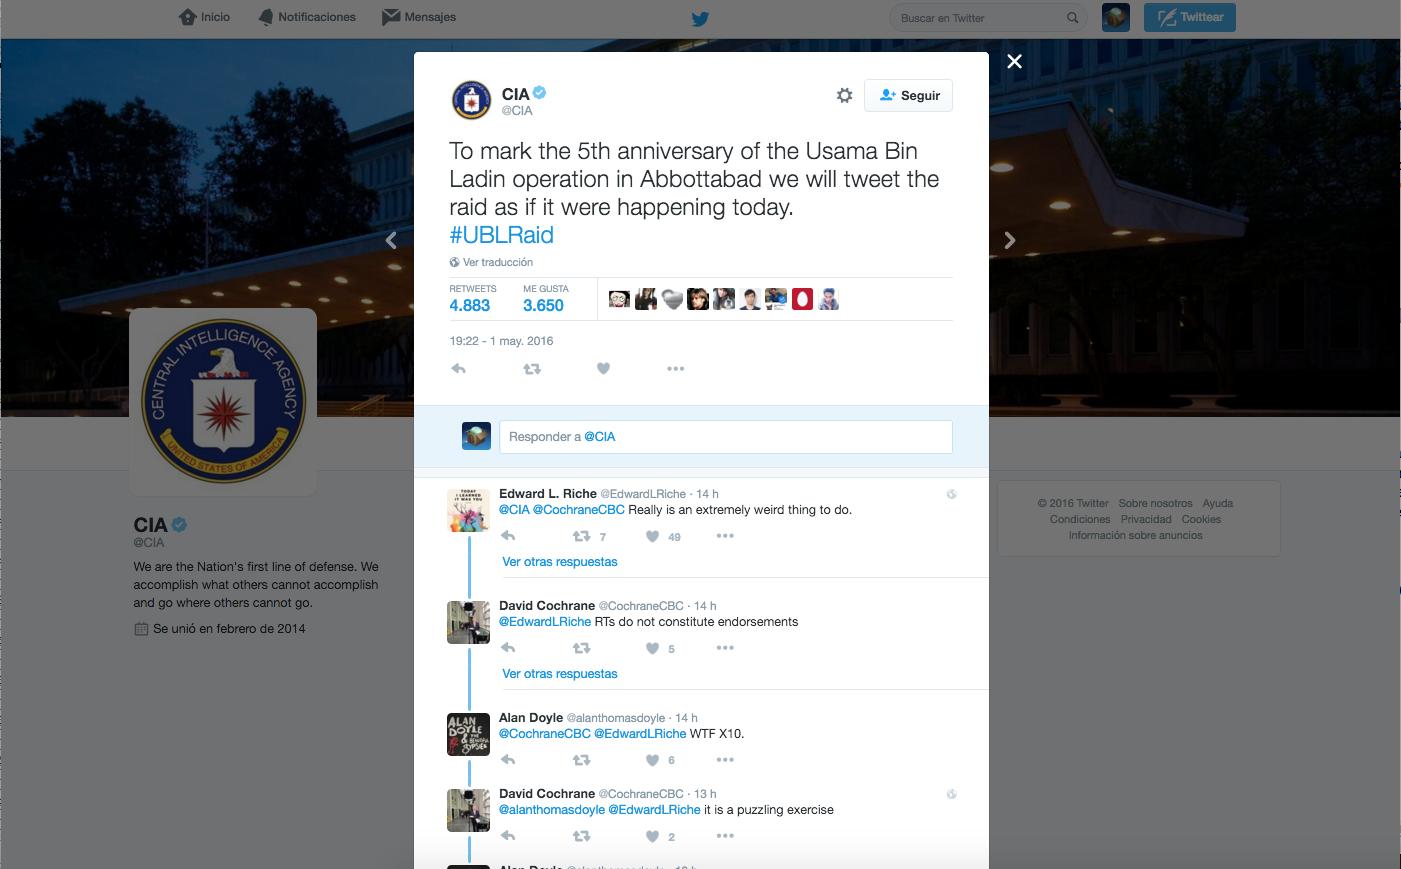 La CIA cuenta en Twitter cómo abatió a Bin Laden